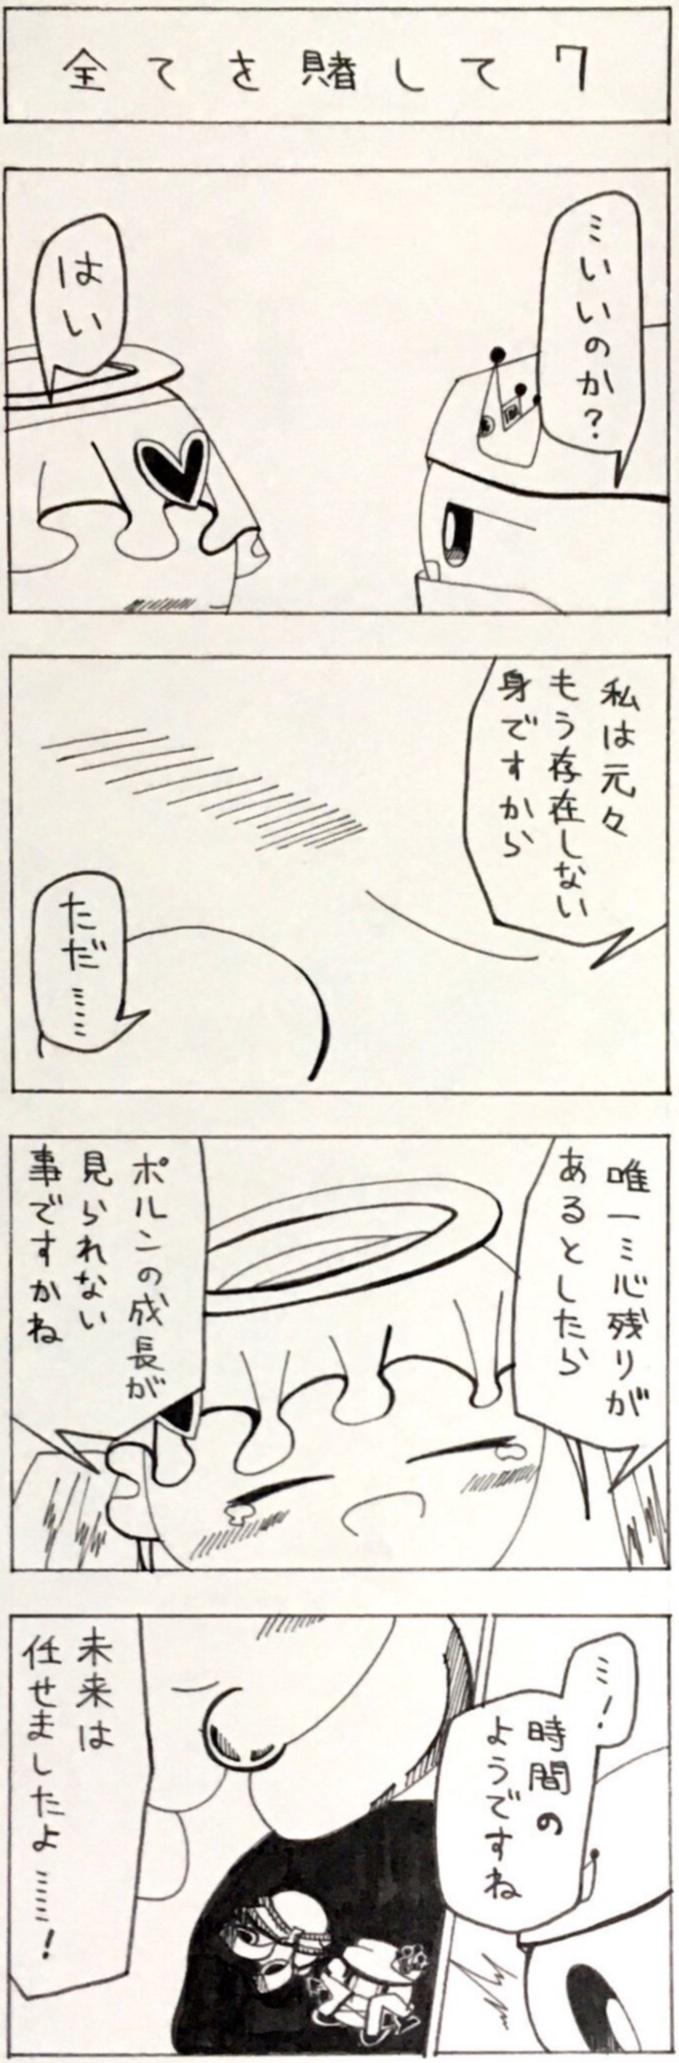 Believe Story 11-7